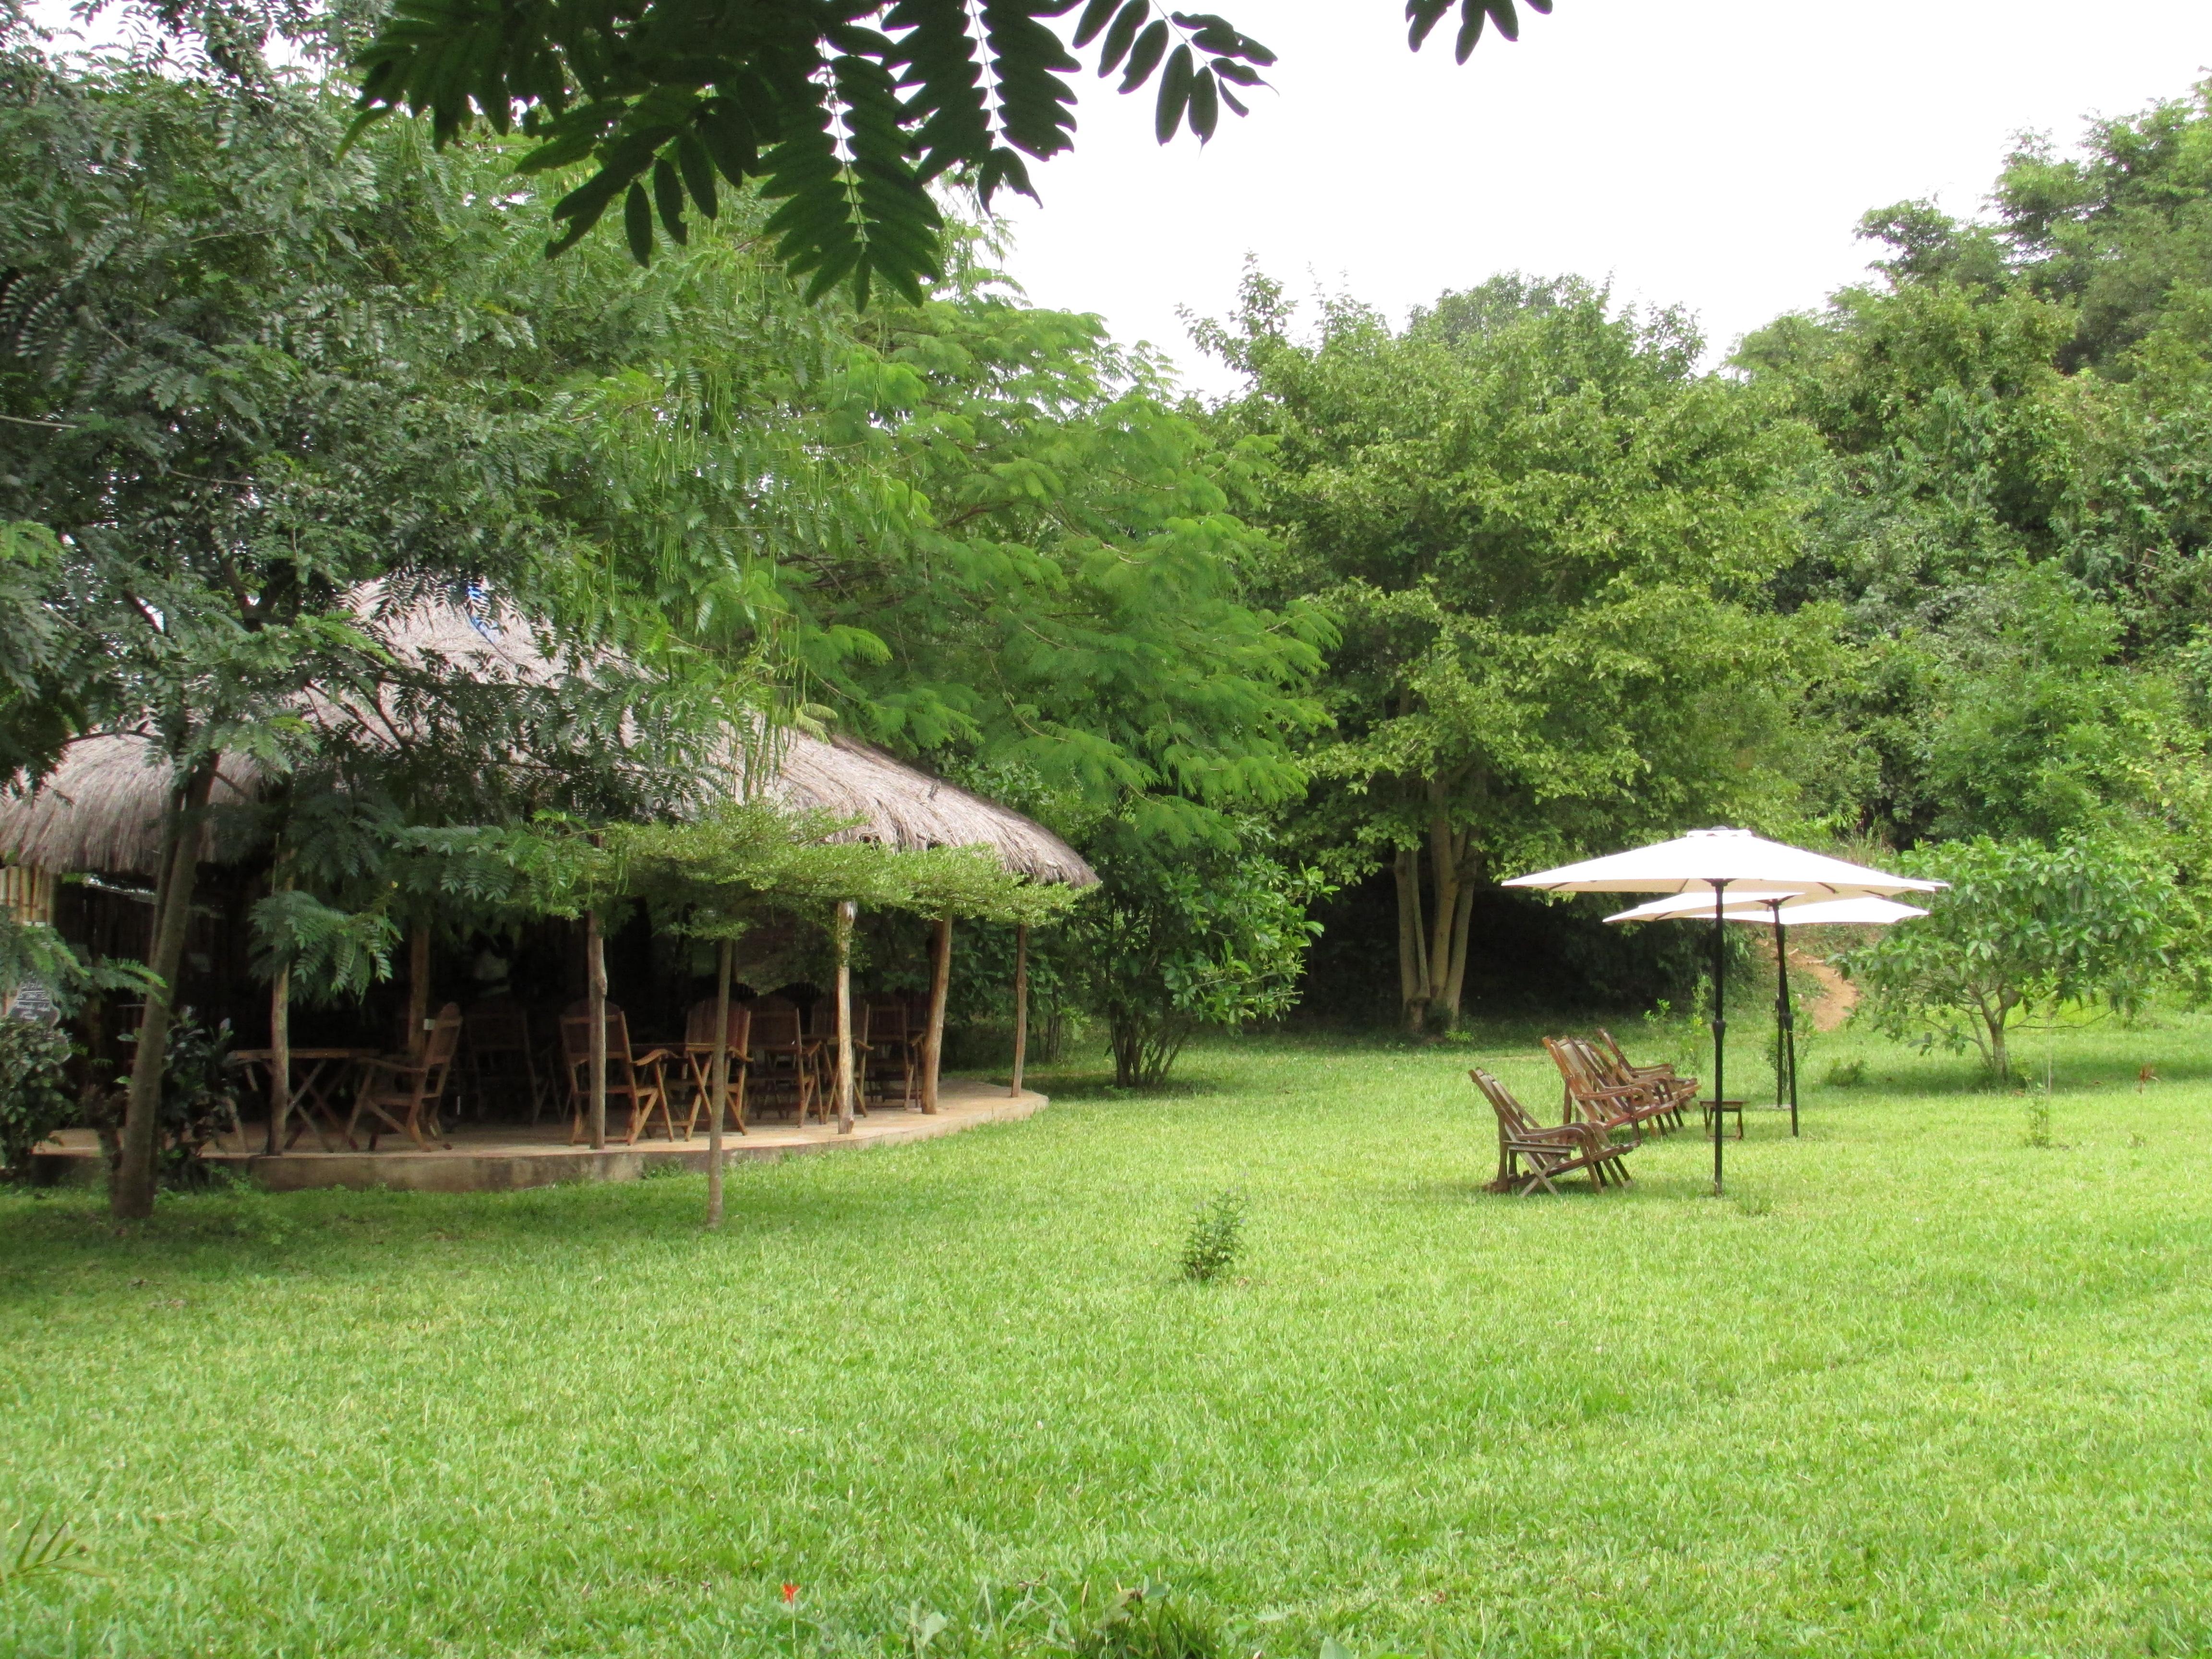 hondo hondo udzungwa forest tented camp photos